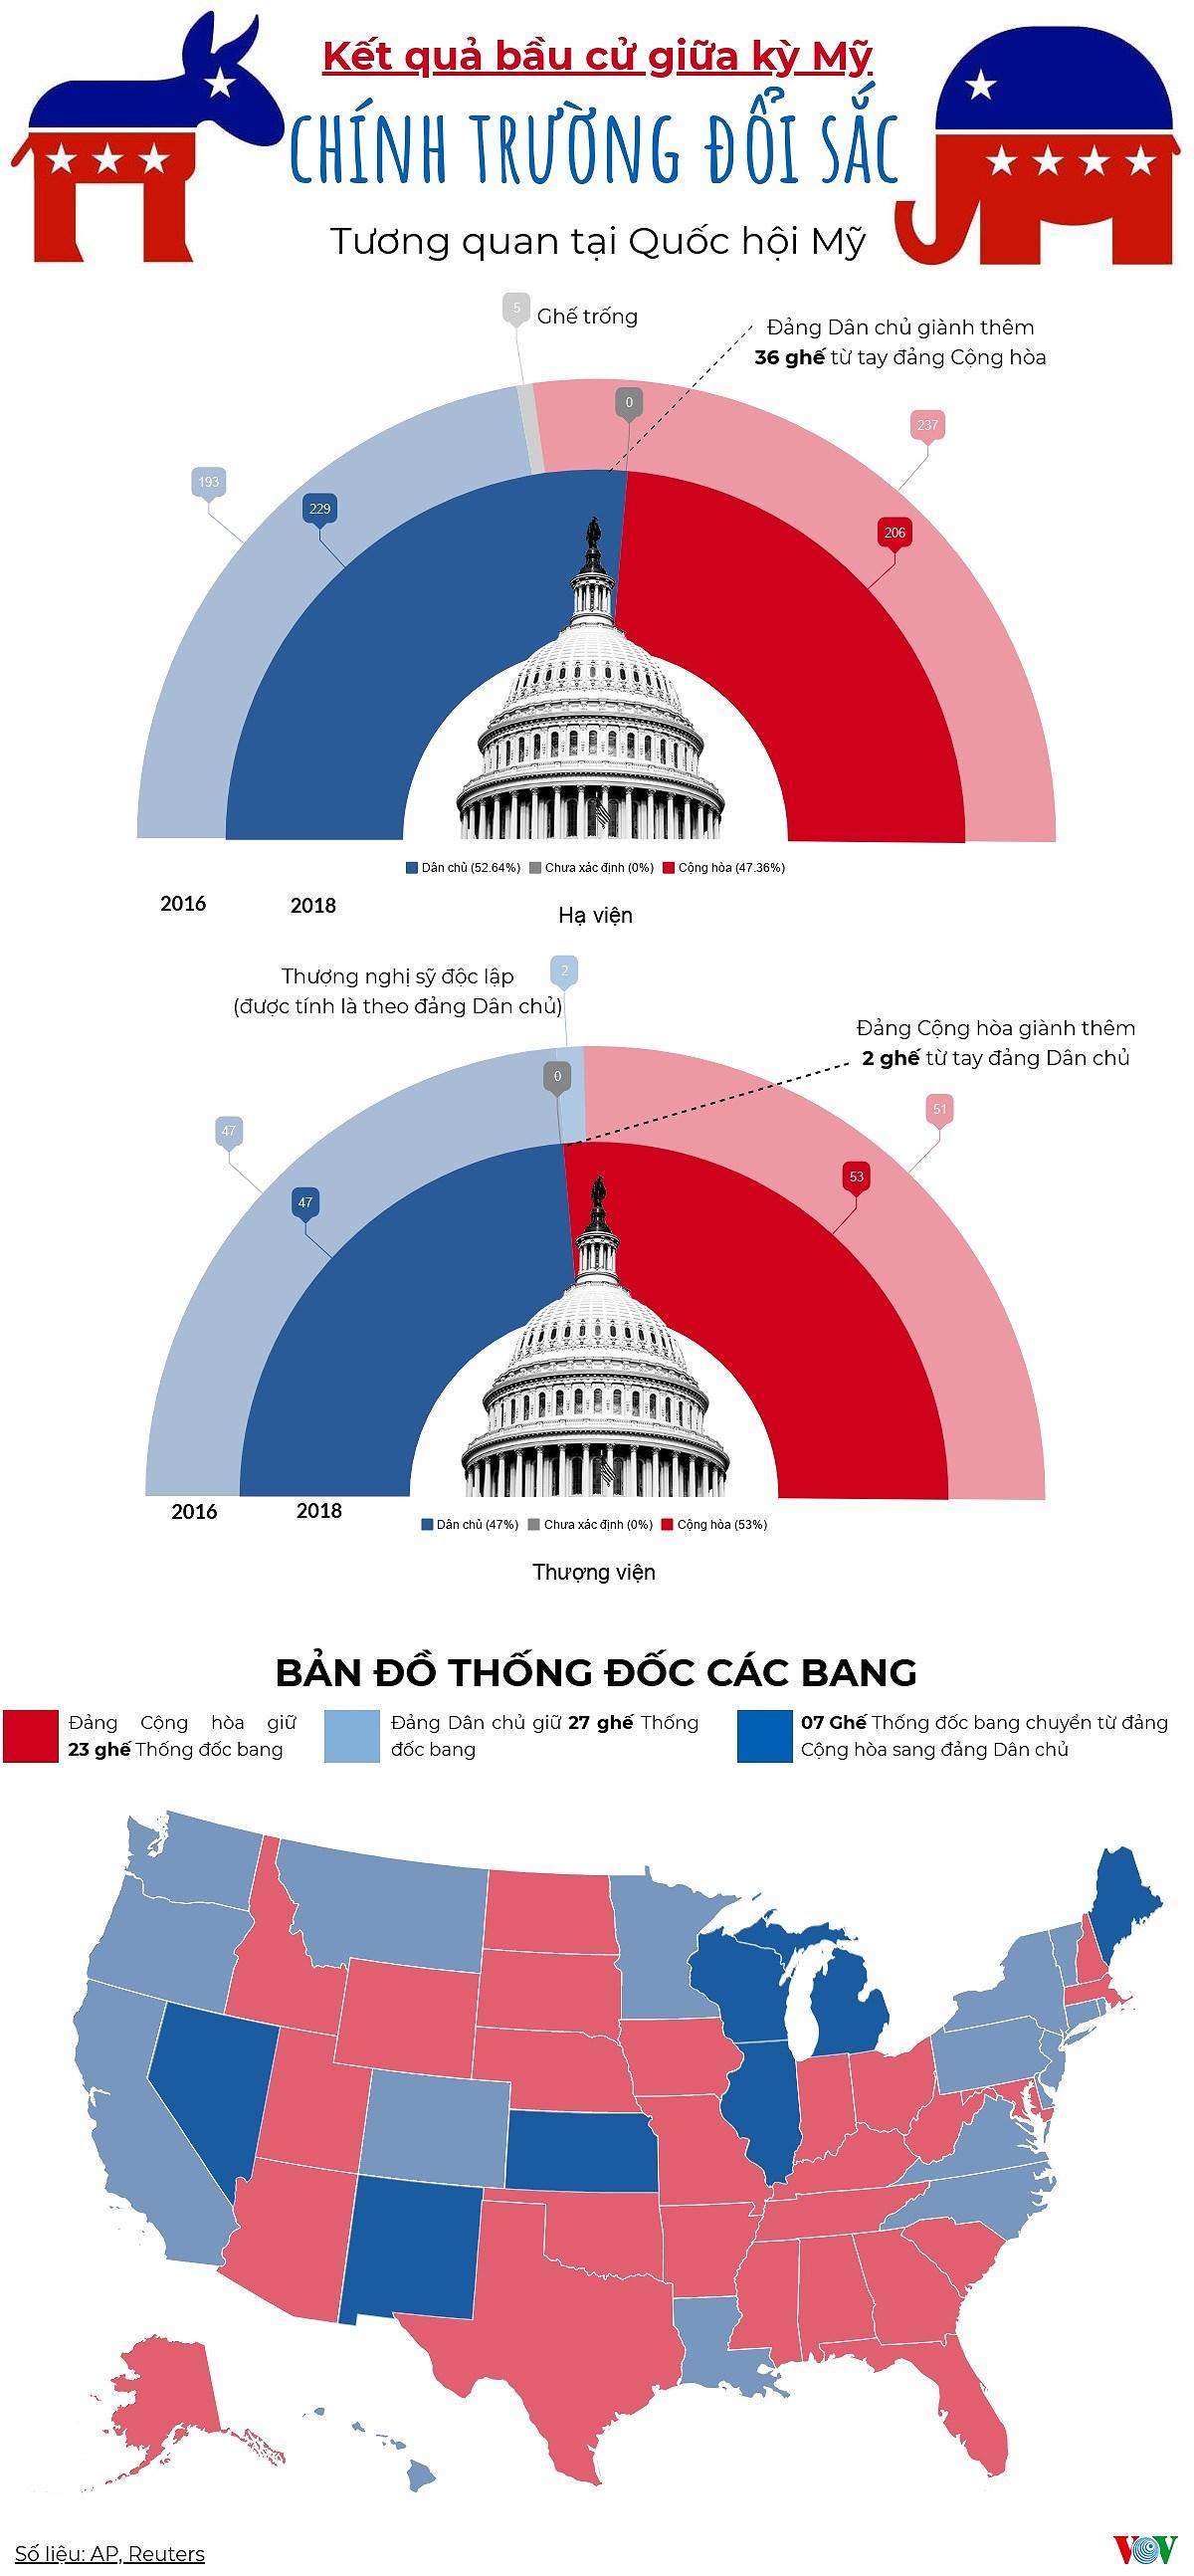 infographics ket qua bau cu my 2018 va tuong quan dan chu cong hoa